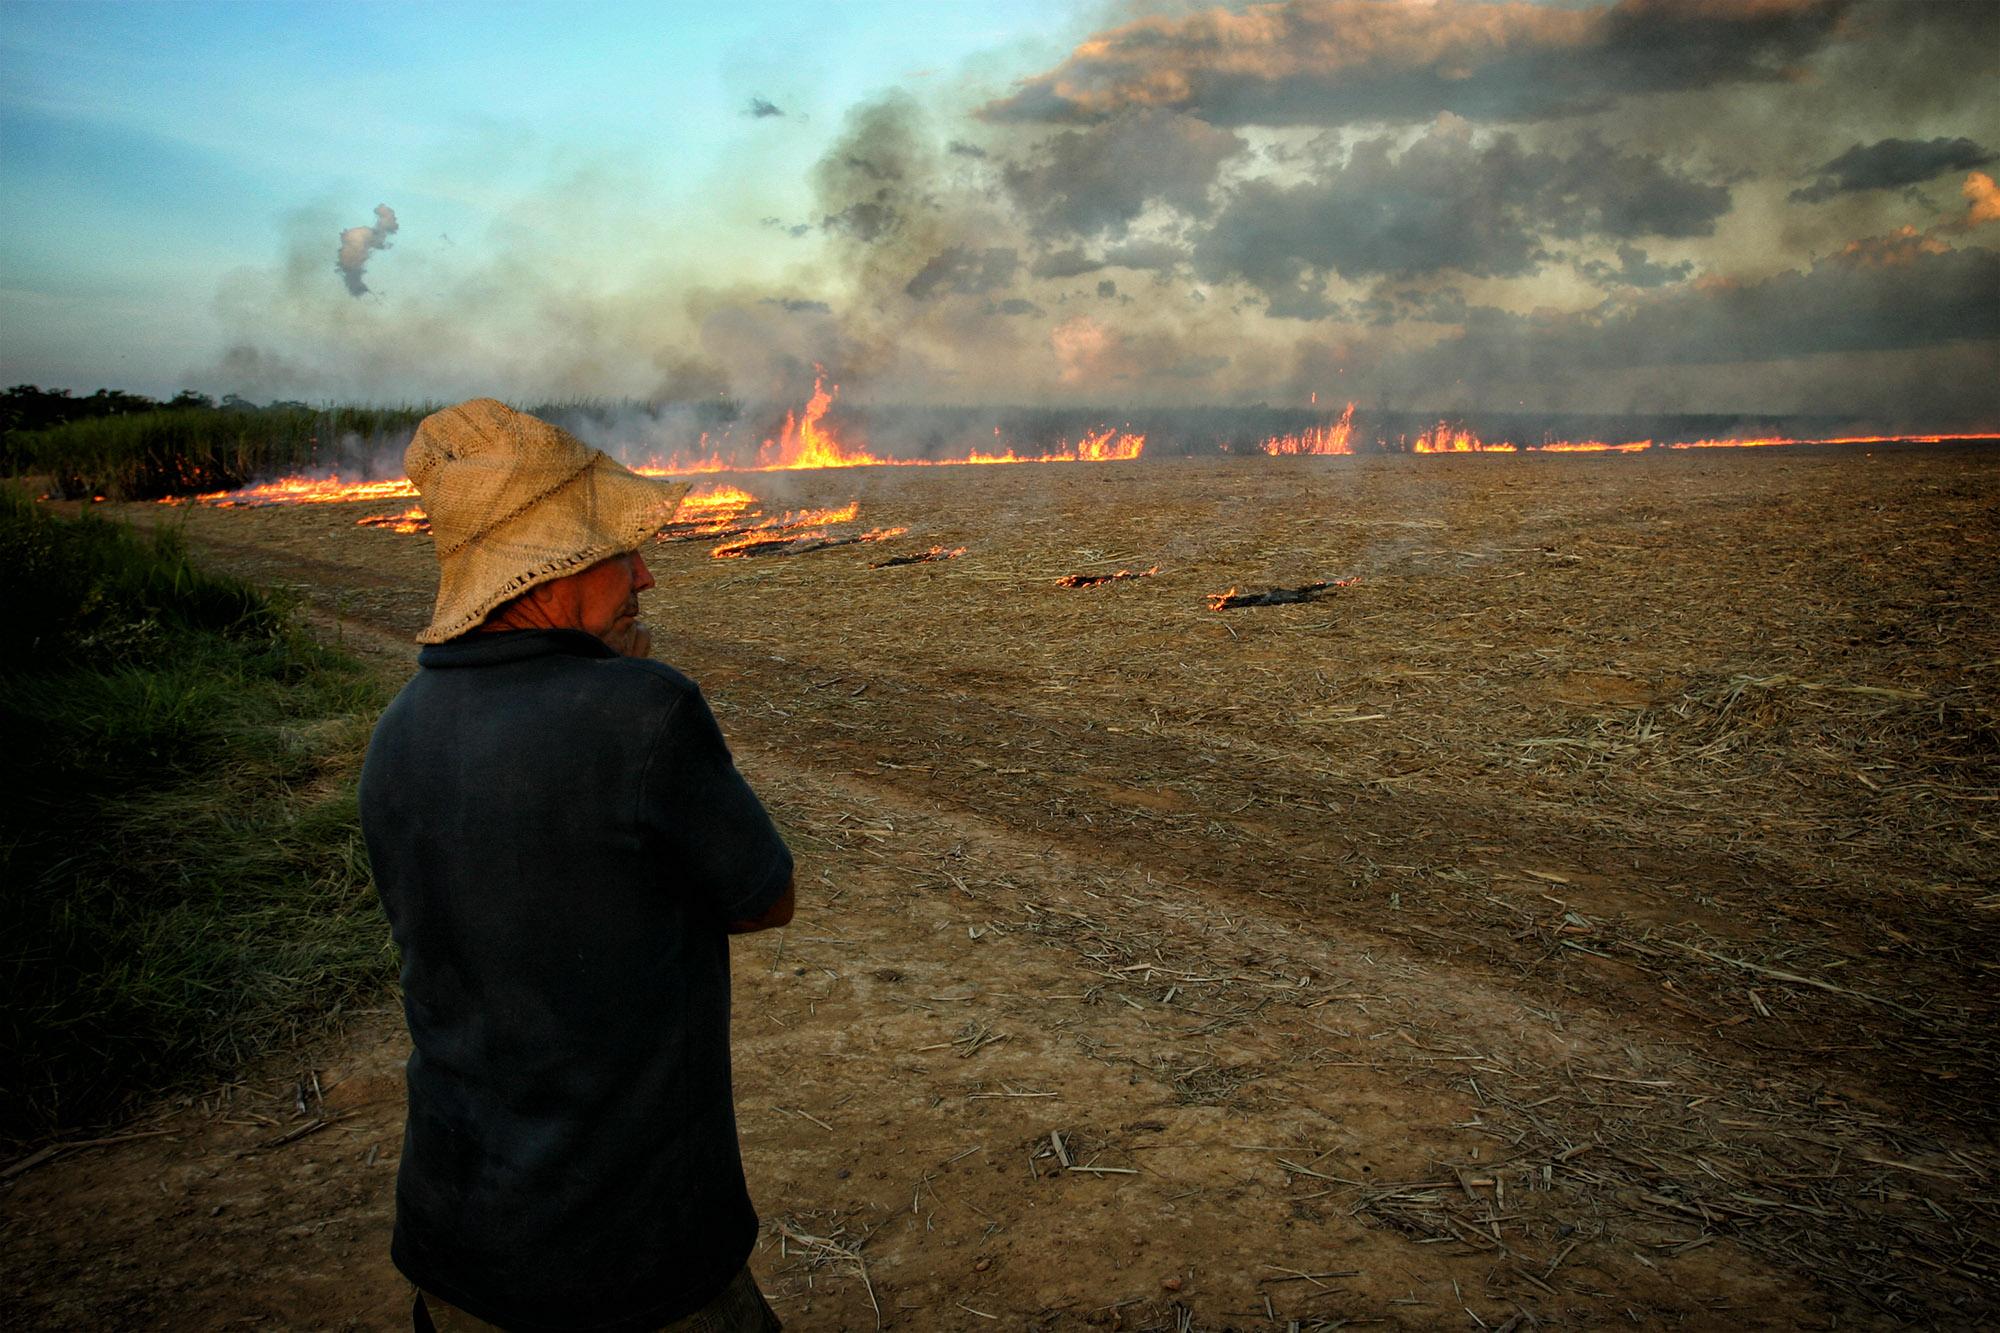 Cana-de-Açúcar da Amazônia: Uma Ameaça à Floresta